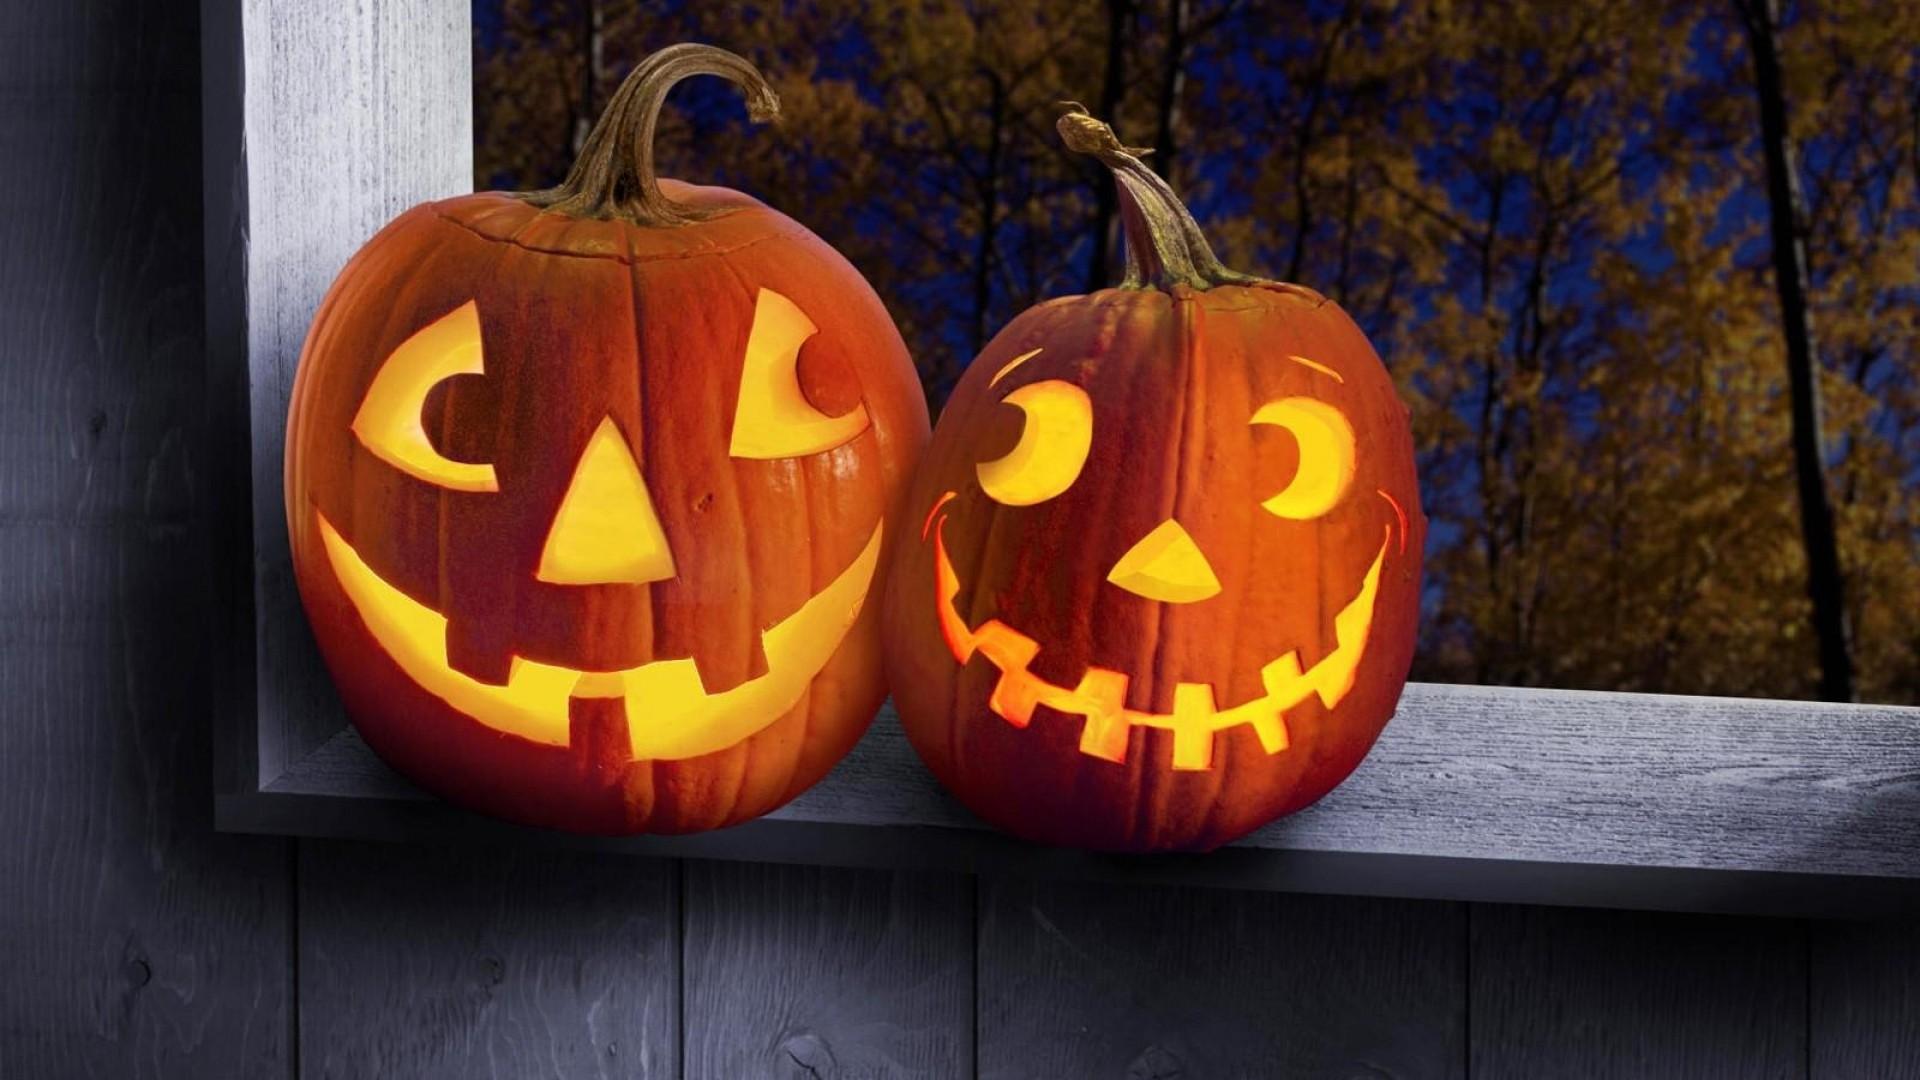 Wallpaper halloween, holiday, pumpkin, steam, box, trees